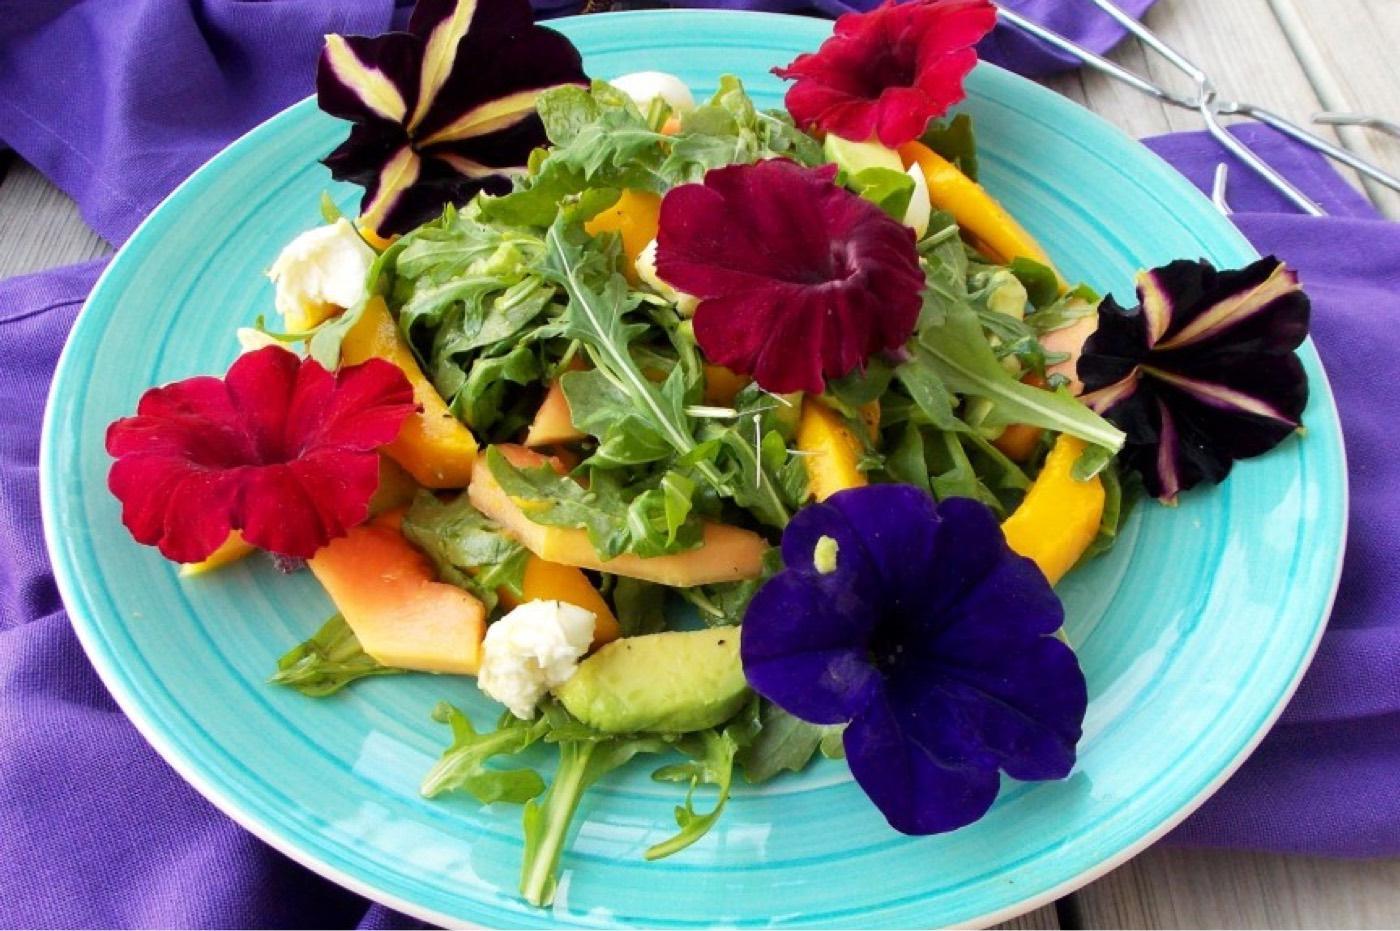 Ricetta di insalata particolare a base di avocado, fiori commestibili e insalata mista